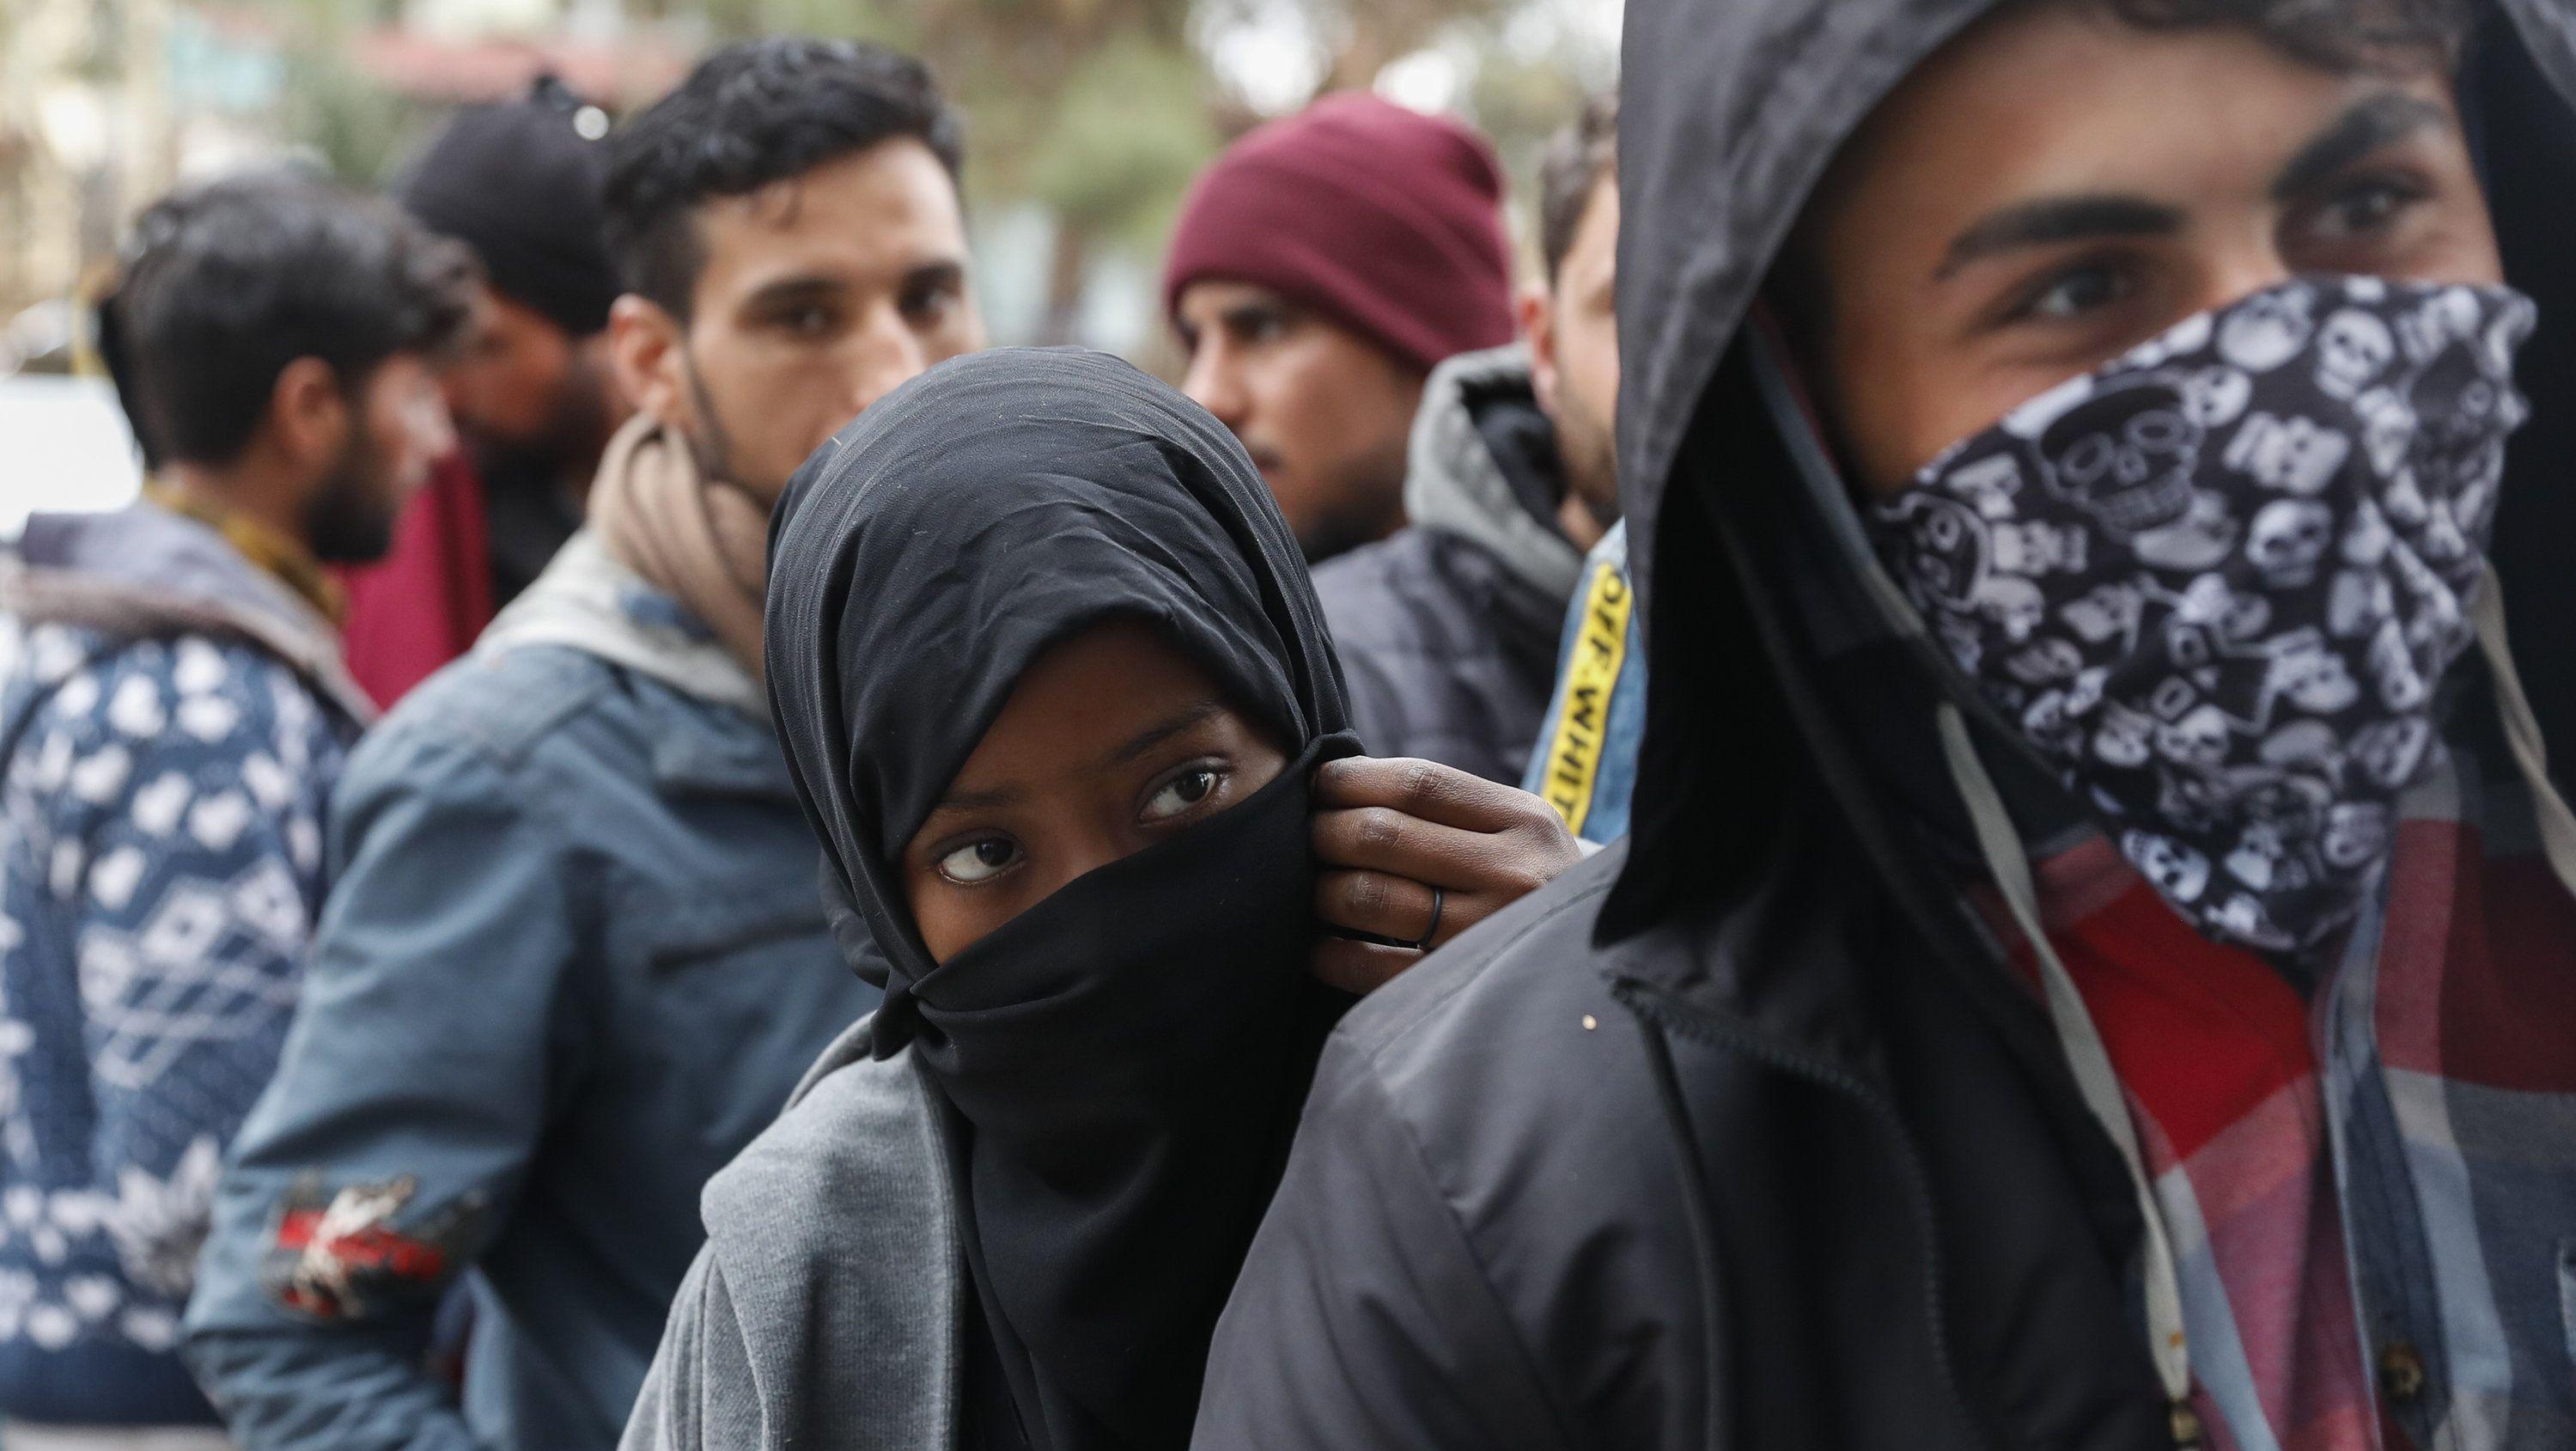 Flüchtlinge: Deutschland setzt humanitäre Aufnahme aus